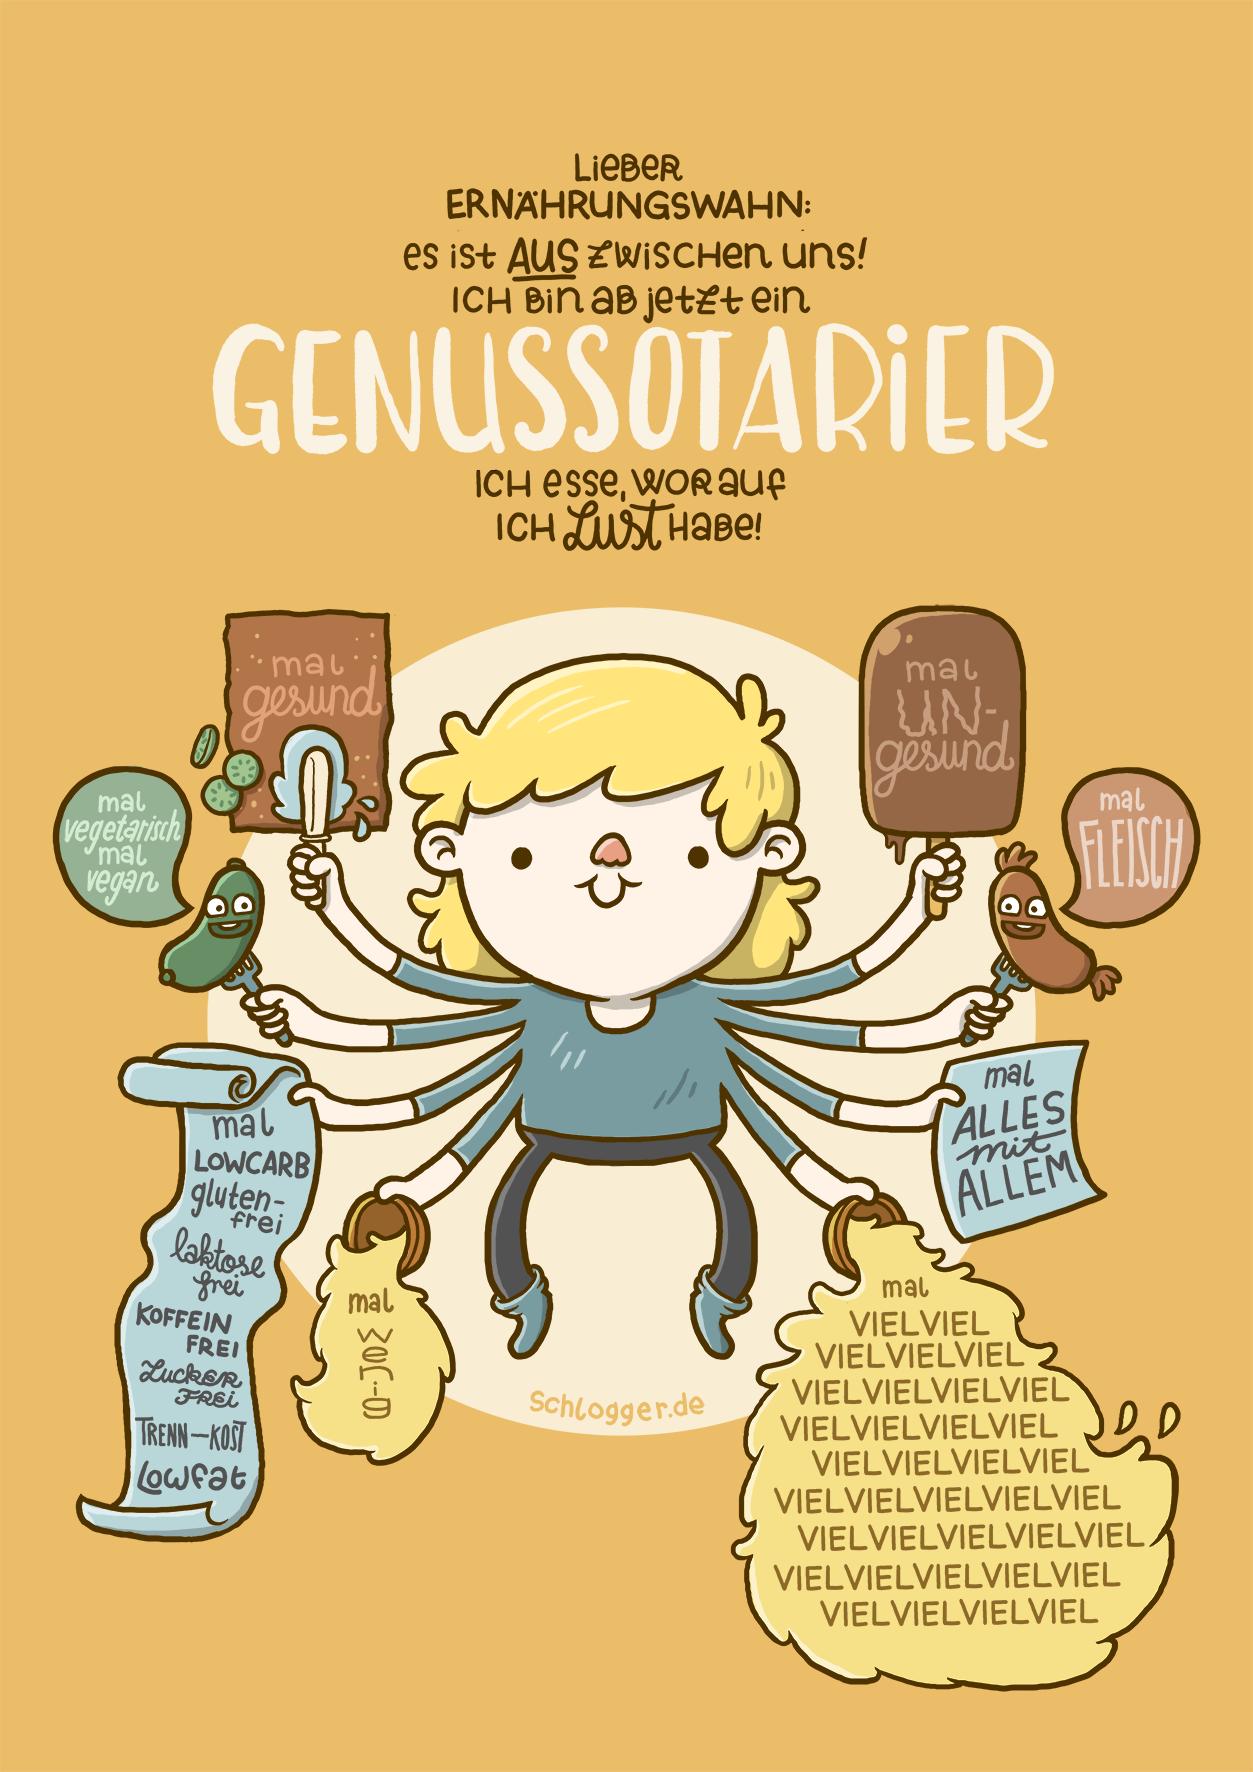 Gehirnfurz #189: Genussotarier